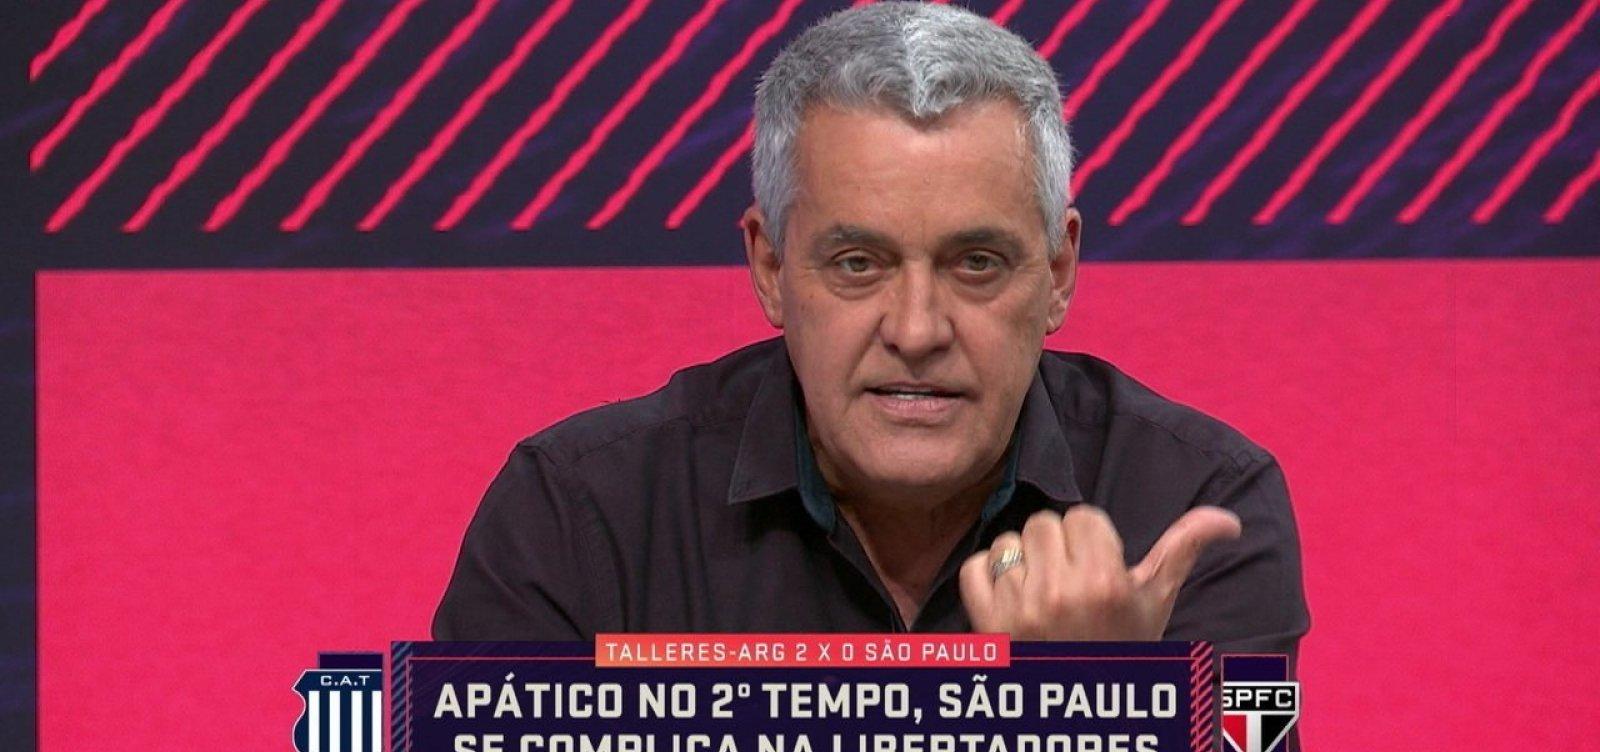 [Repórter da Globo é afastado após envolvimento em caso Neymar]